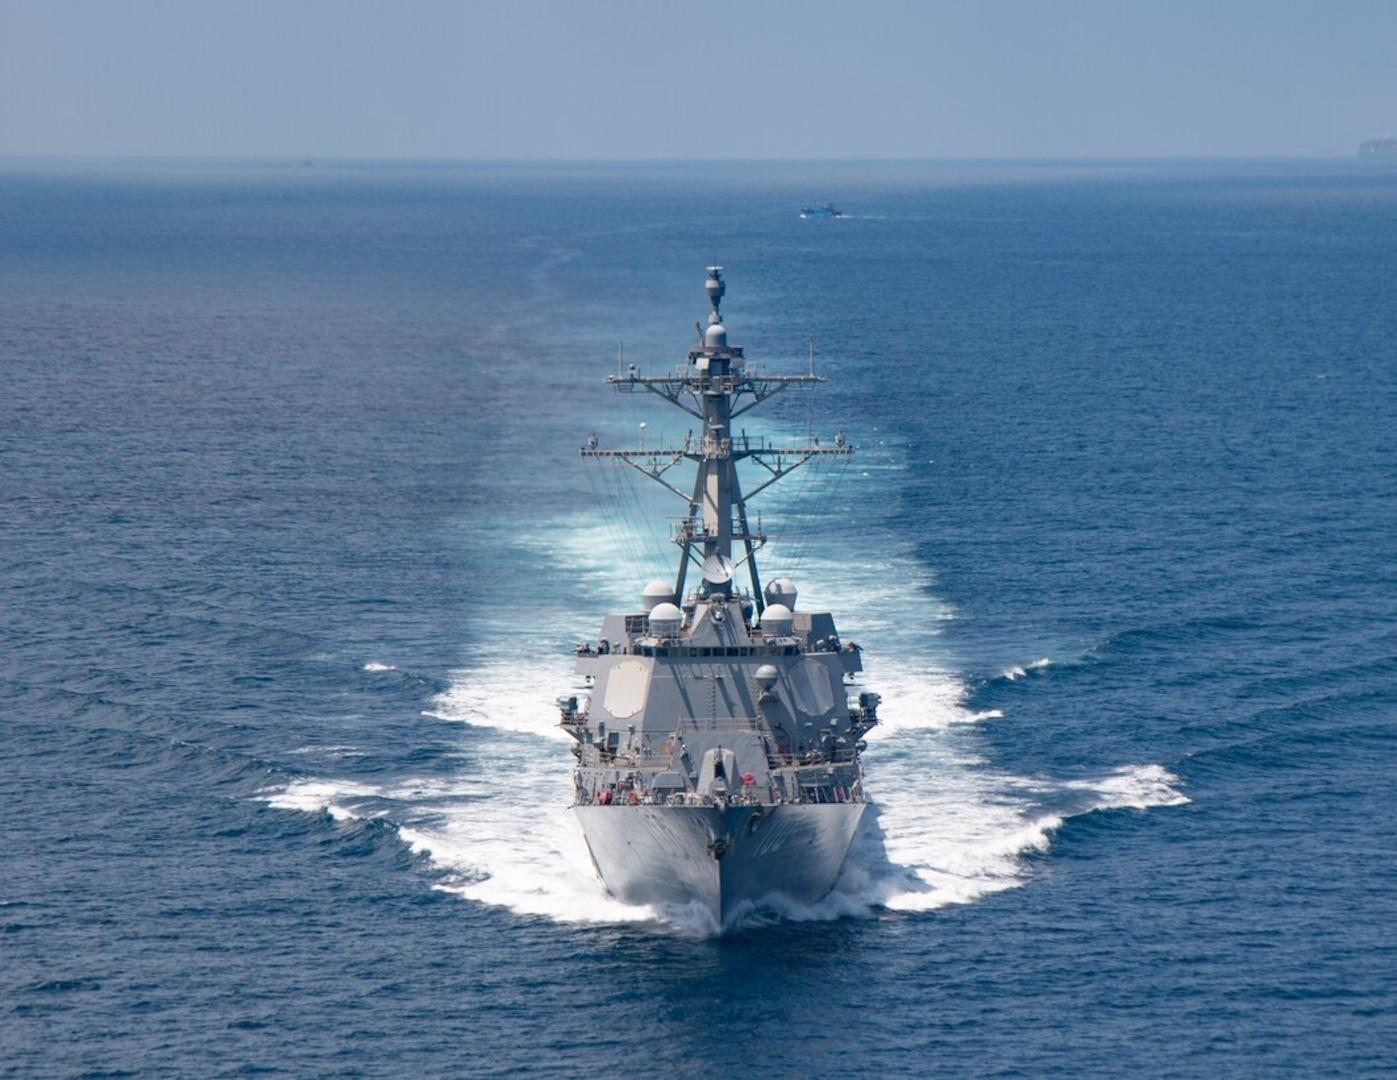 USS Kidd returns home from deployment